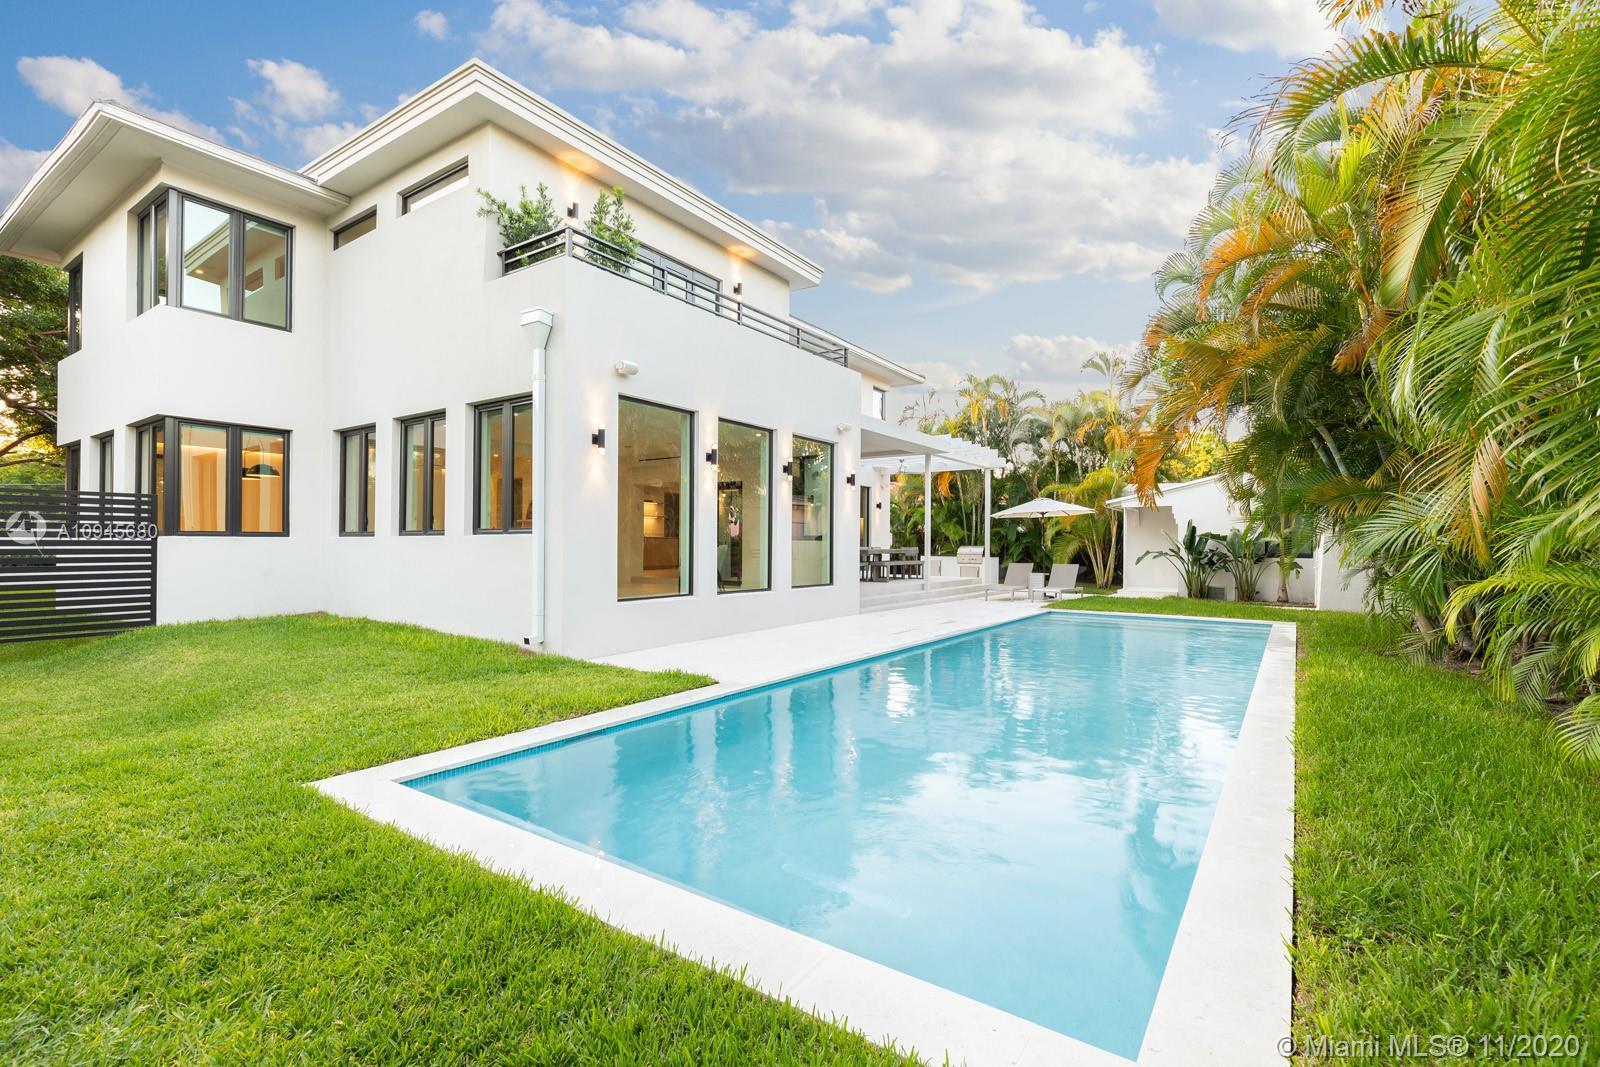 4301 Adams Ave, Miami Beach, Florida 33140, 6 Bedrooms Bedrooms, ,6 BathroomsBathrooms,Residential,For Sale,4301 Adams Ave,A10945680